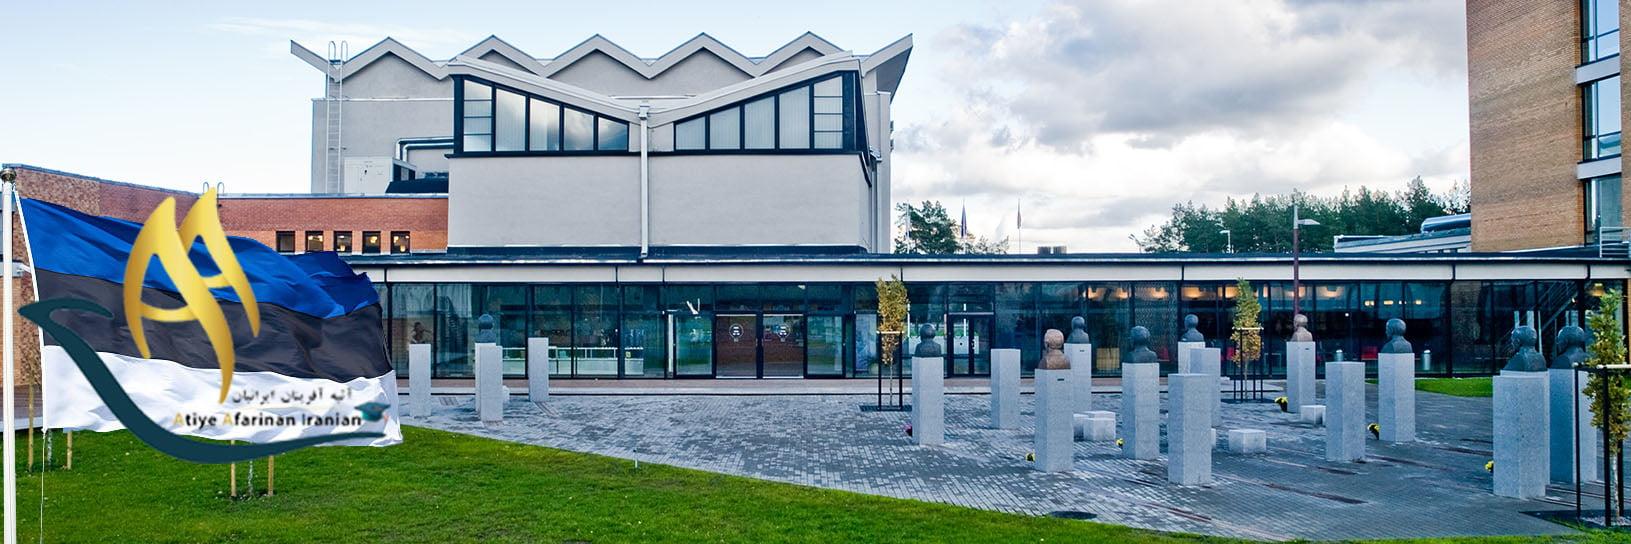 دانشگاه تالین استونی